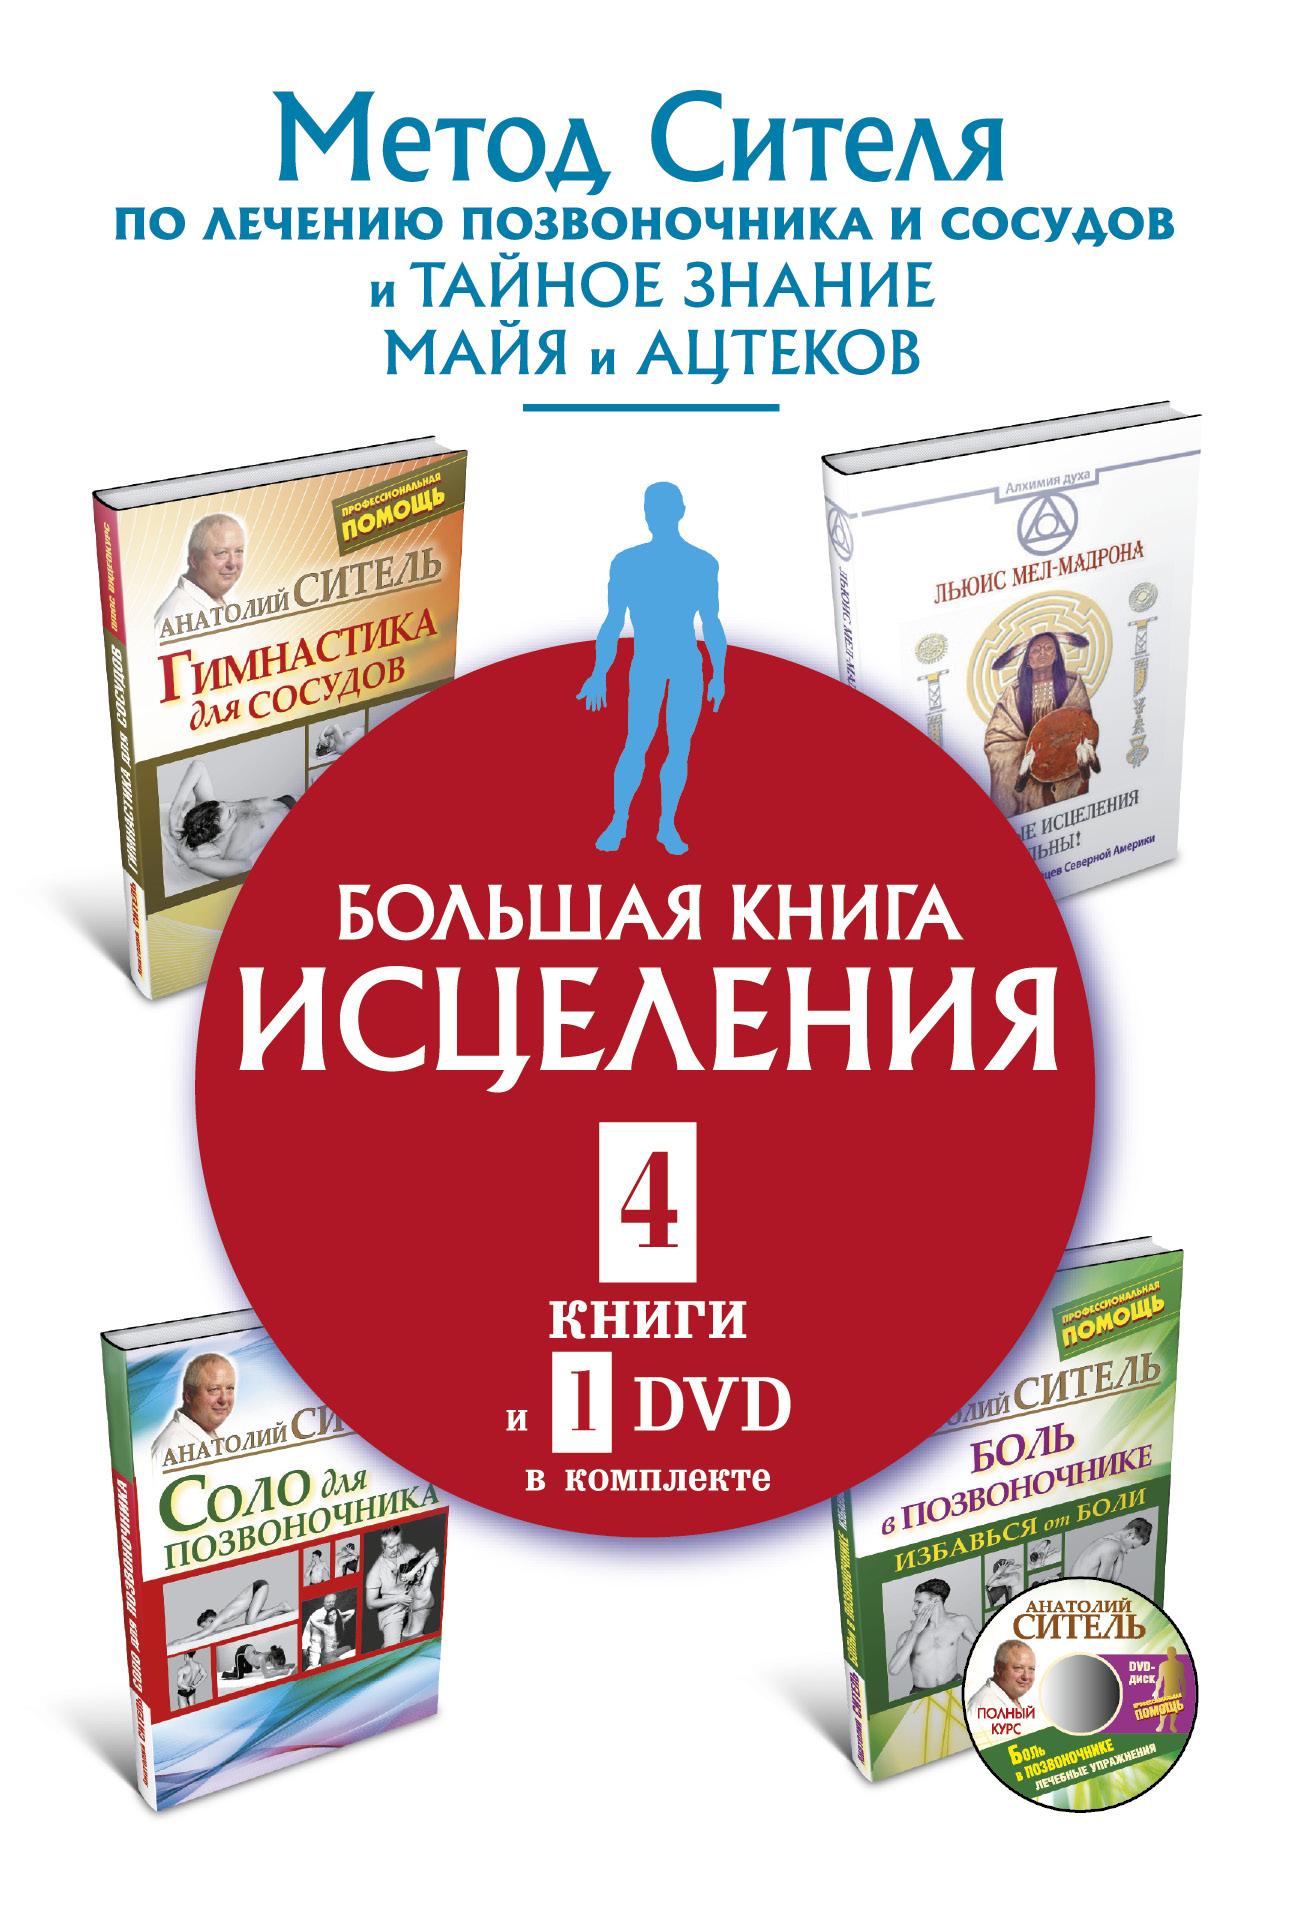 Ситель А.Б. Большая книга исцеления.4 книги и 1 DVD комплекте